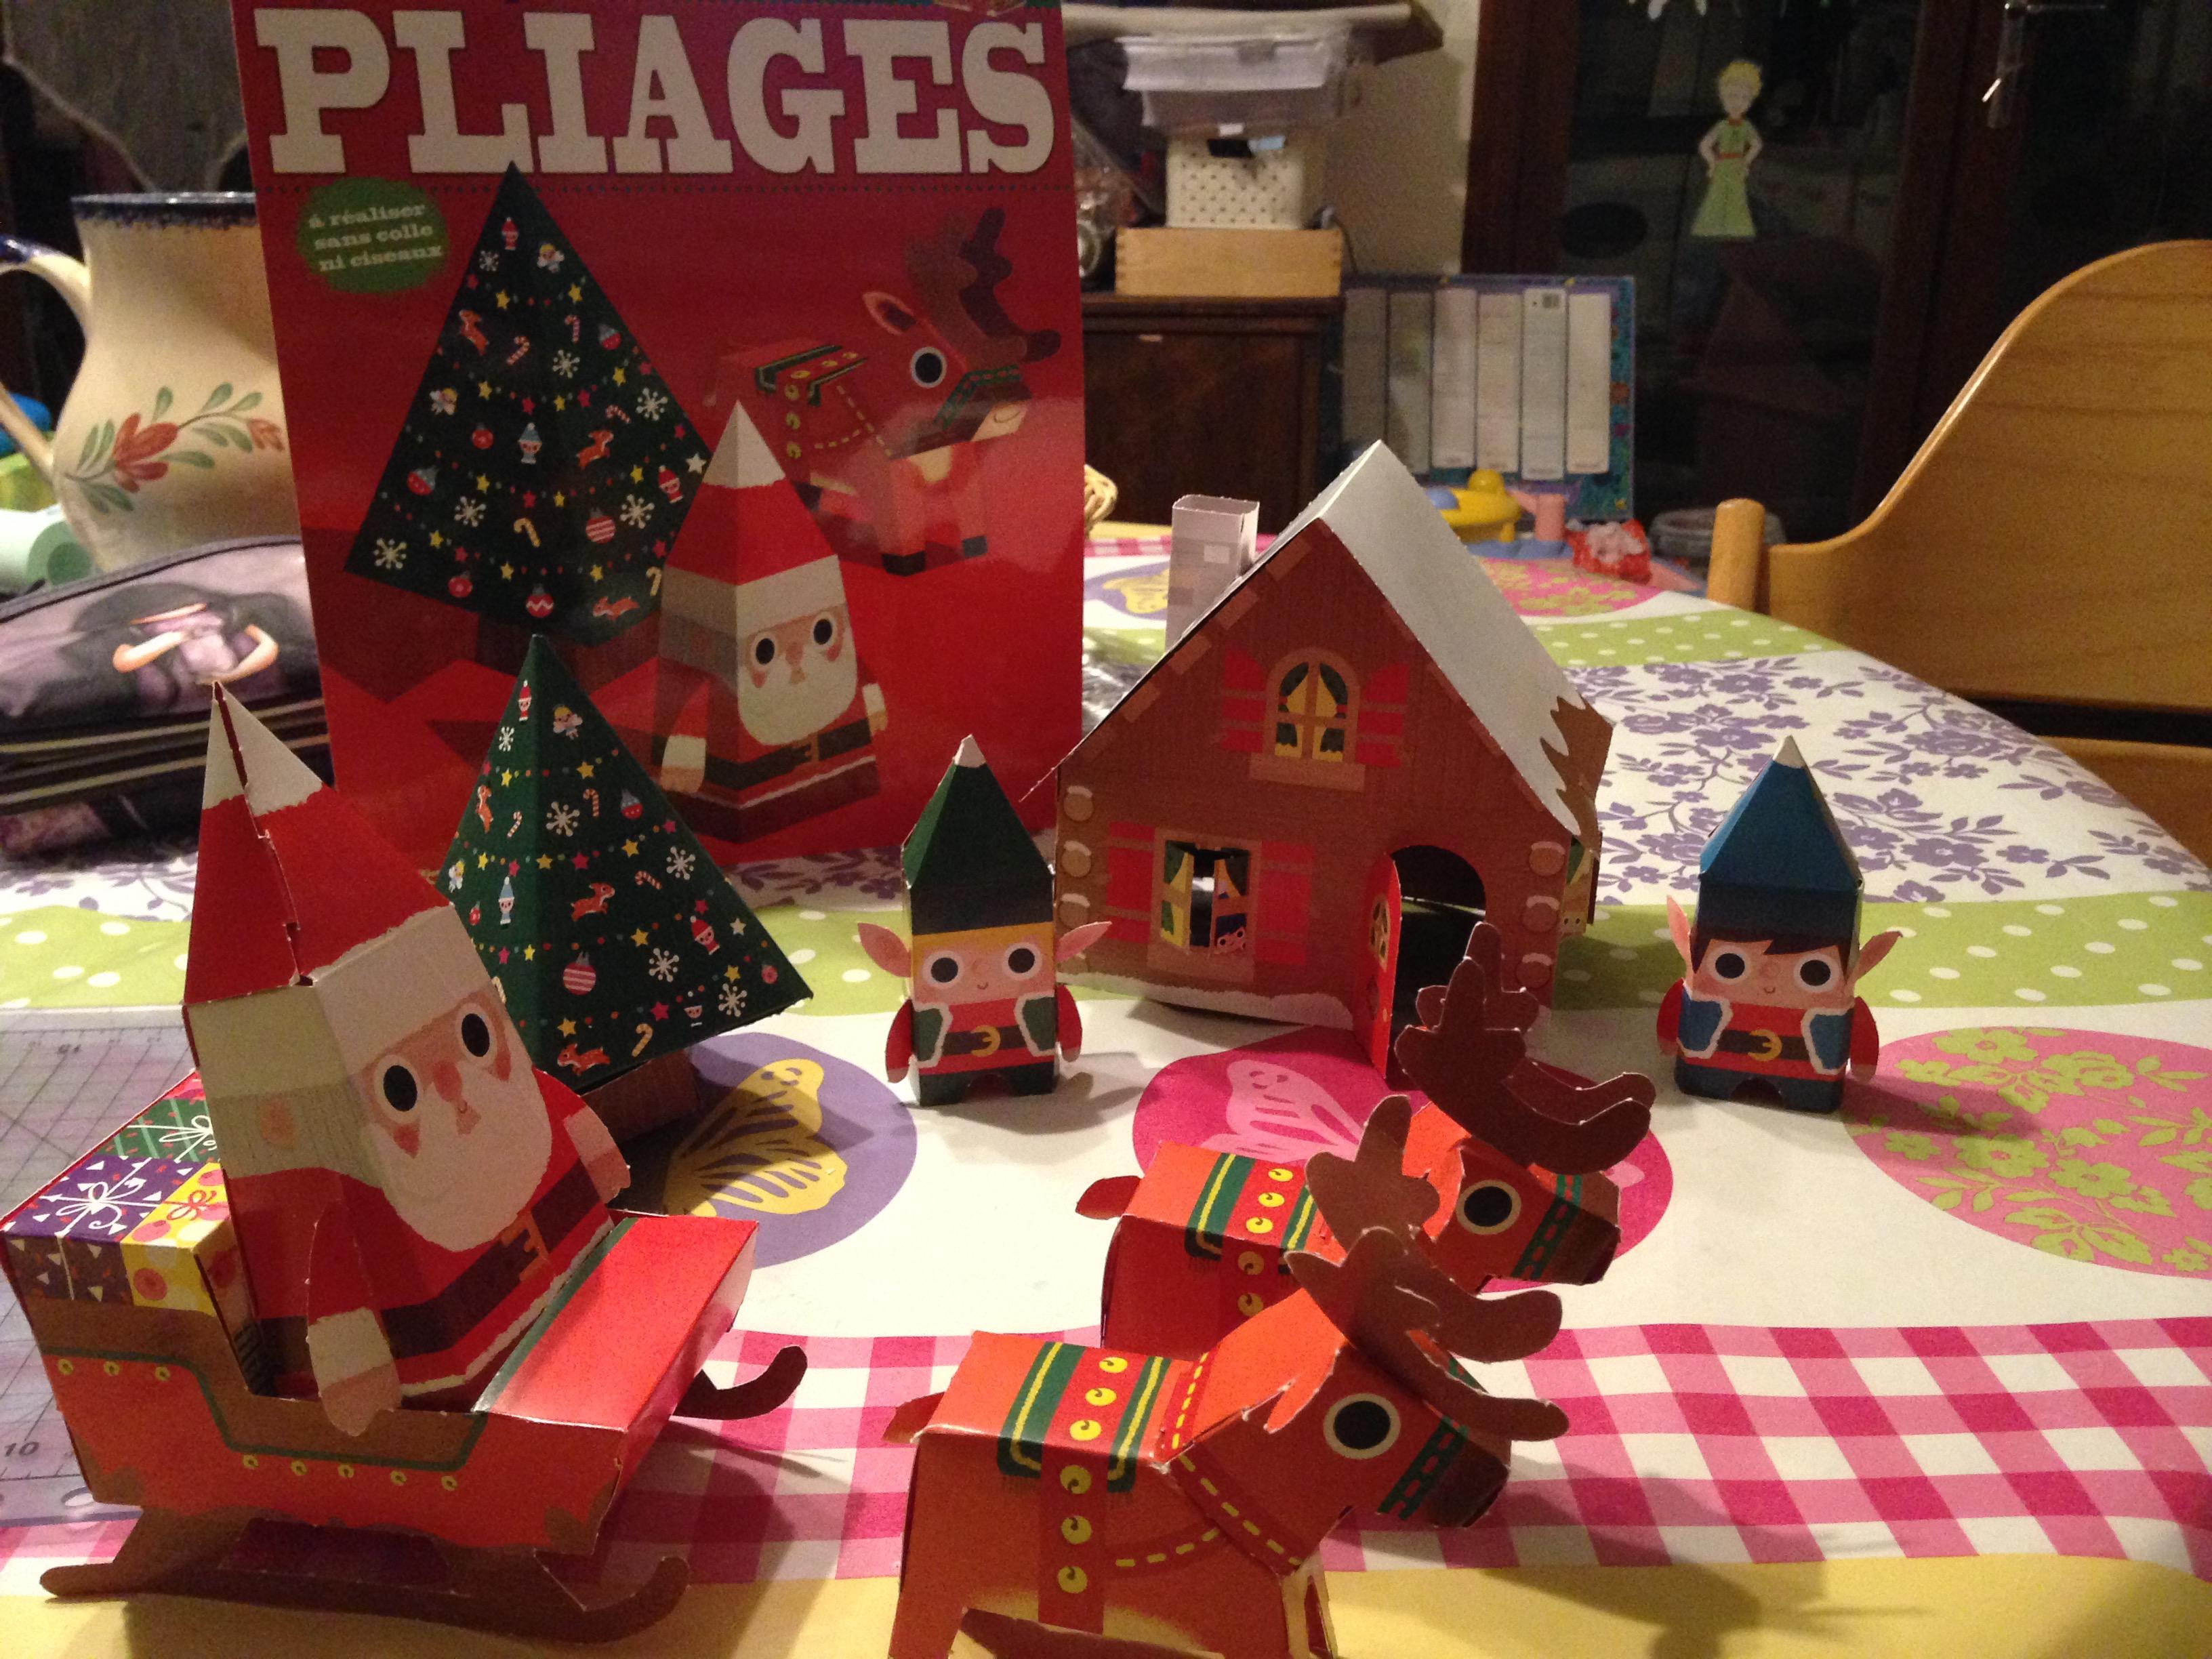 Village de pliages de Noël